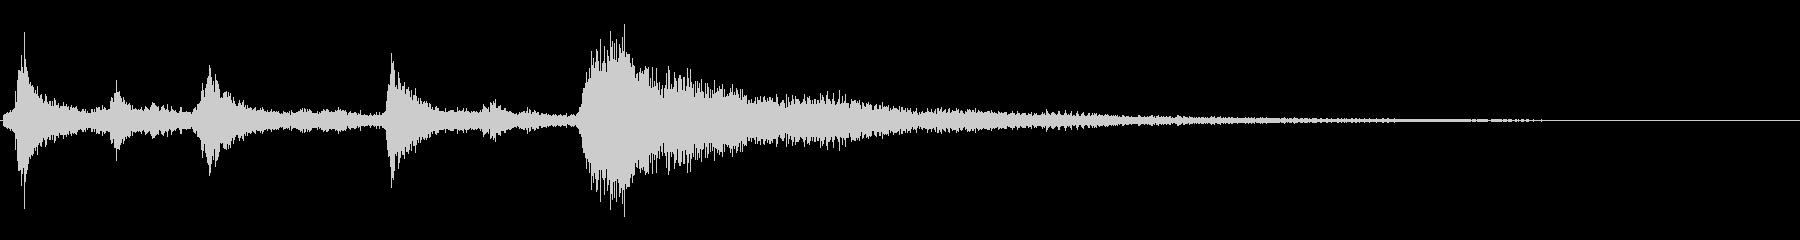 クリスマスのベル、鈴の効果音 ロゴ09の未再生の波形